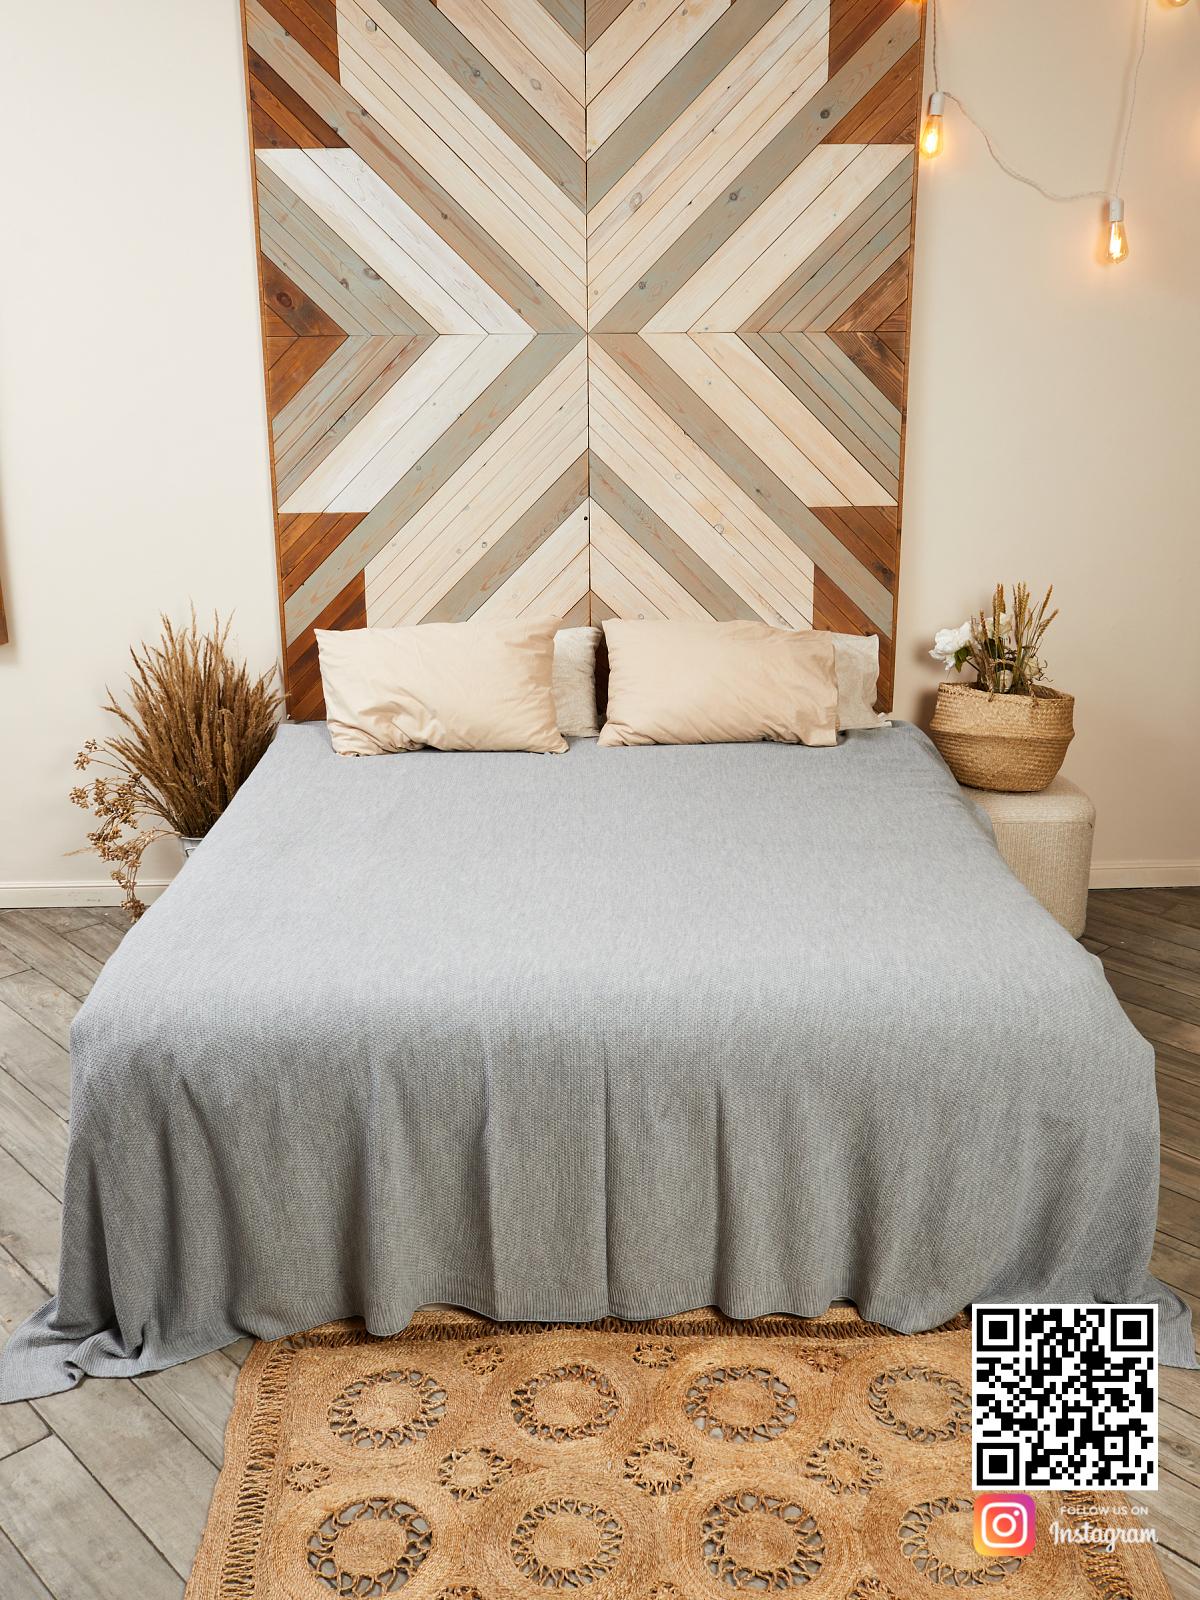 На шестой фотографии большое шерстяное покрывало на кровати в интерьере в интернет-магазине Shapar, бренда трикотажа и связанной одежды ручной работы.